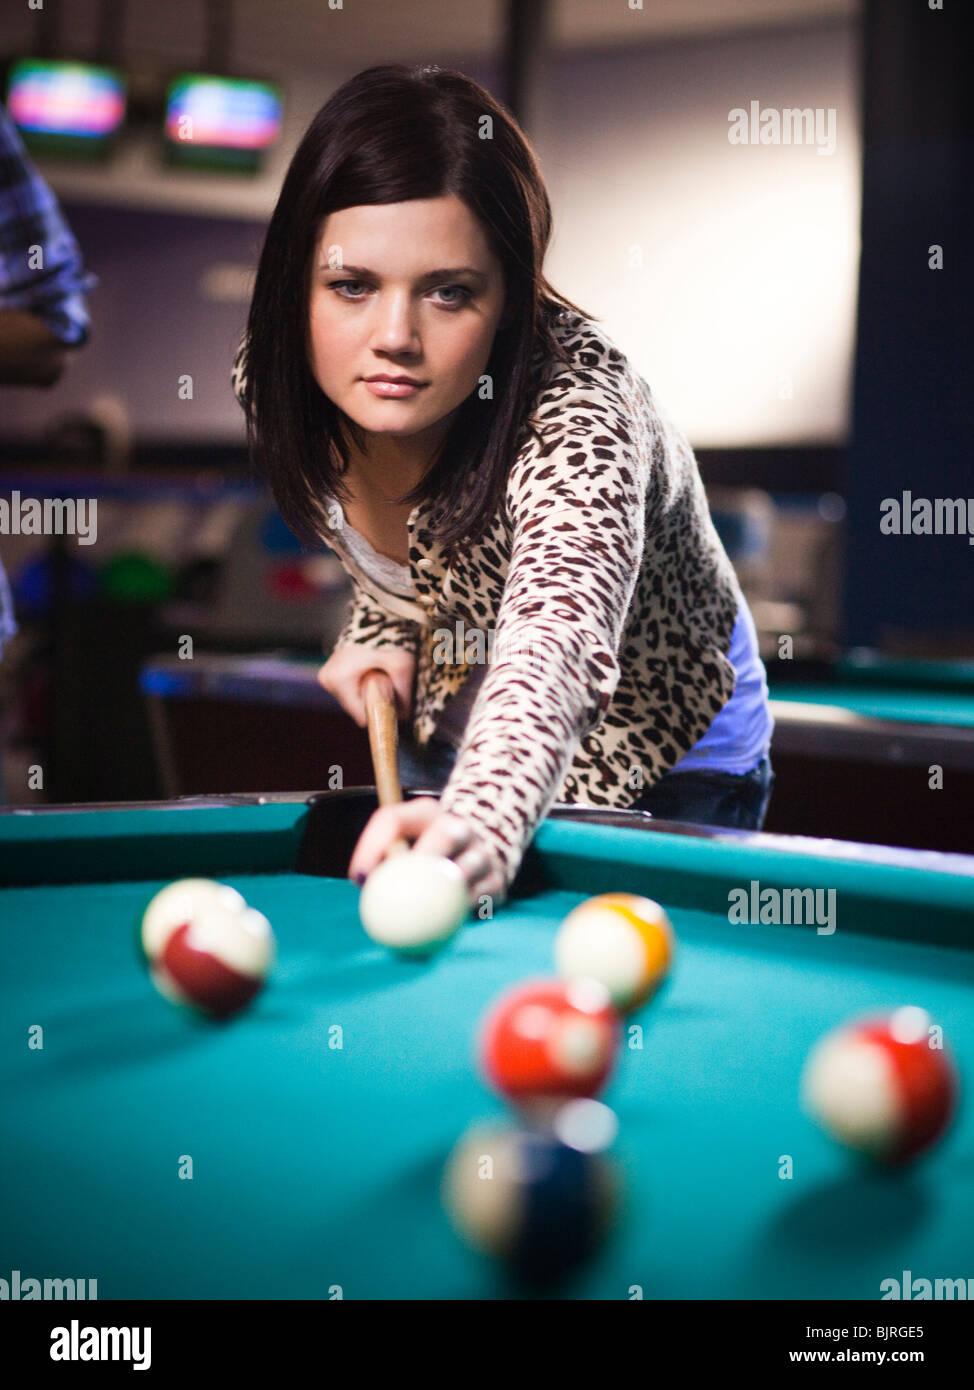 USA, Utah, American Fork, young woman playing pool - Stock Image